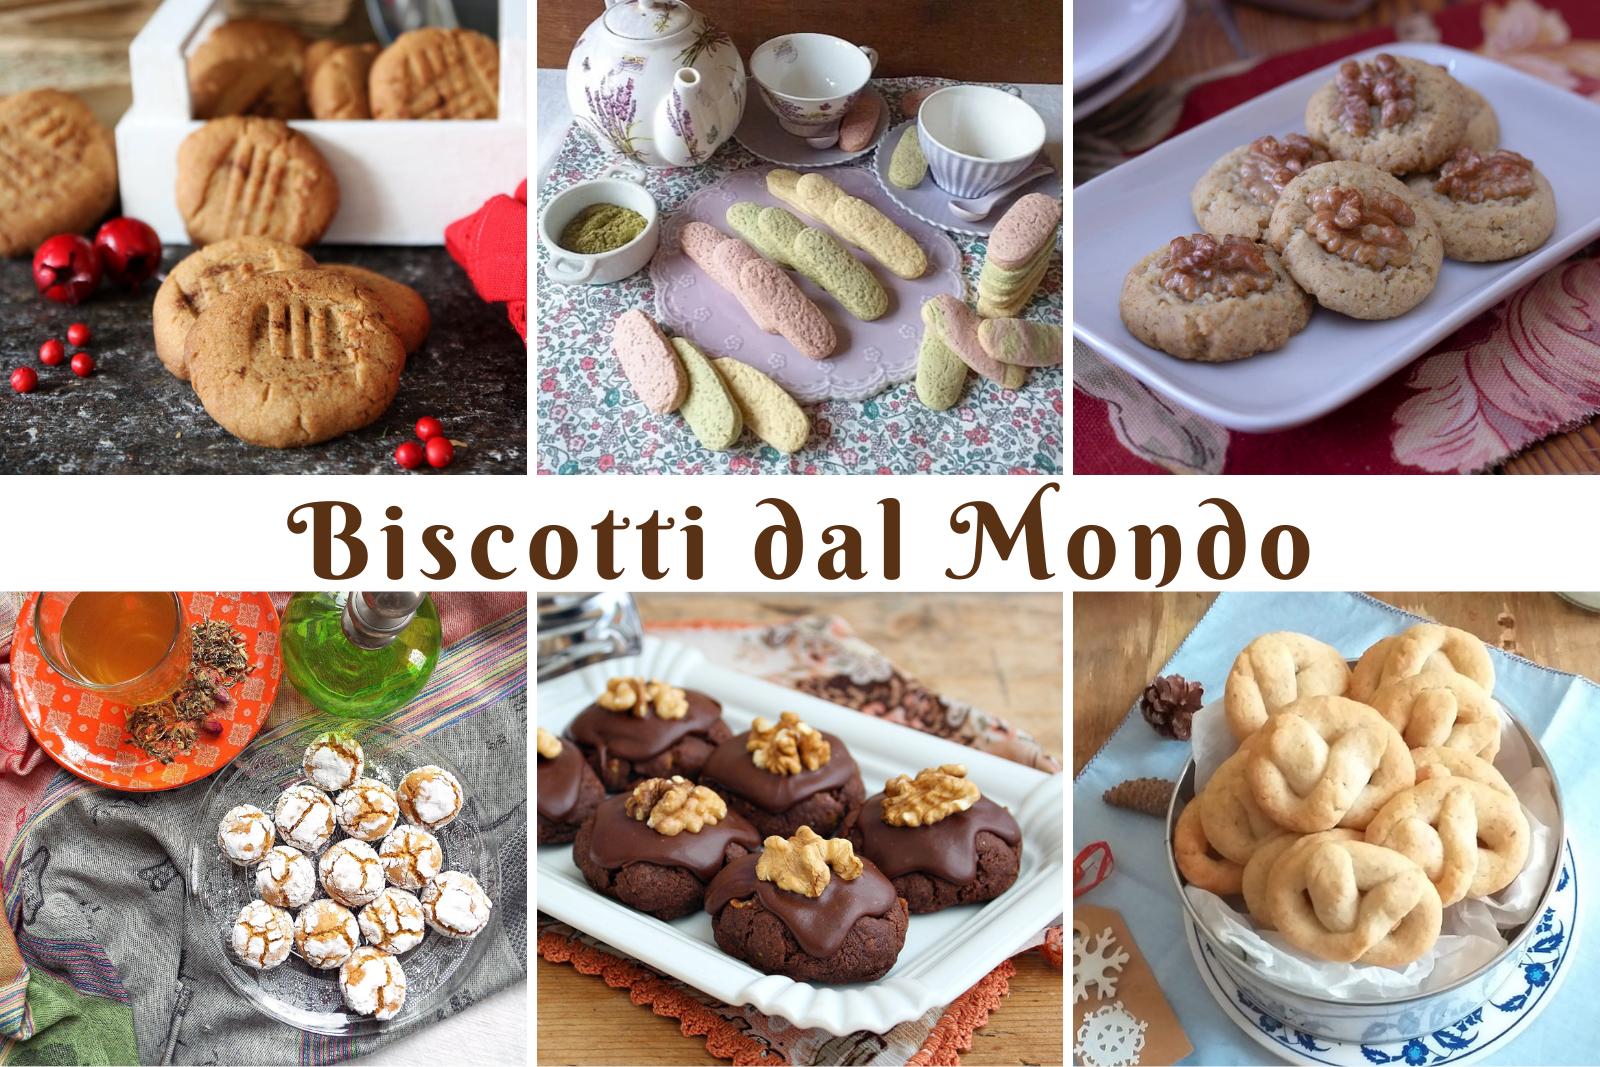 Biscotti dal mondo, 6 ricette da provare